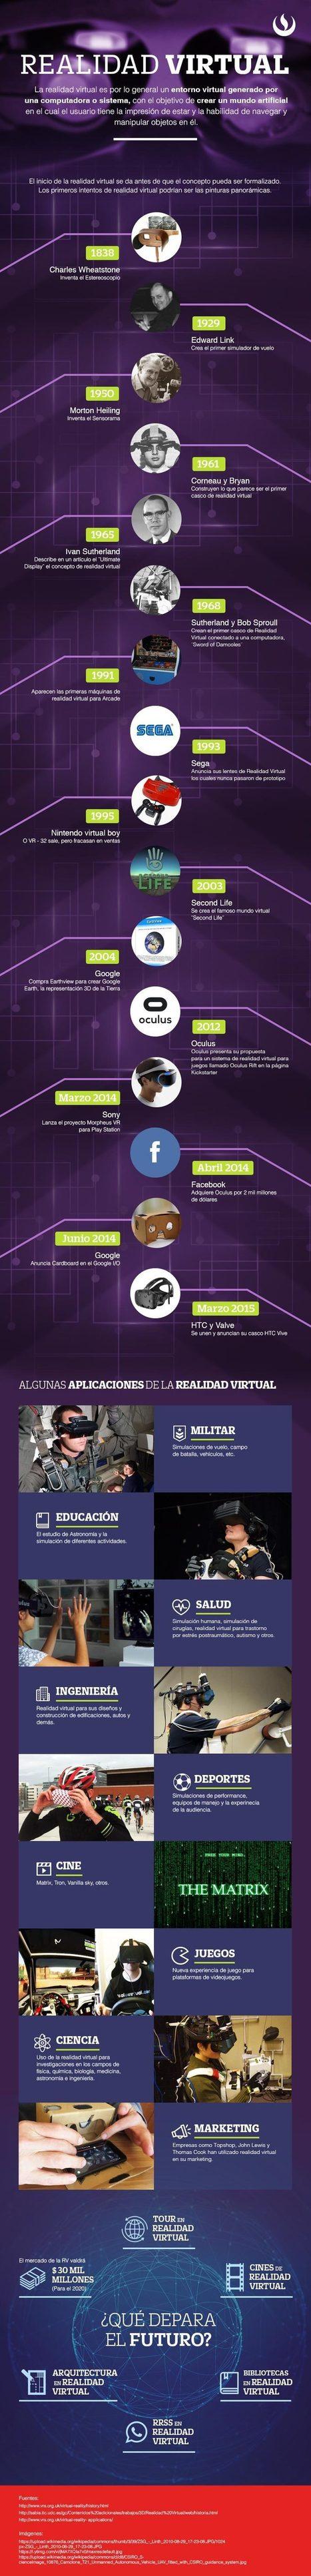 Realidad virtual | REALIDAD AUMENTADA Y ENSEÑANZA 3.0 - AUGMENTED REALITY AND TEACHING 3.0 | Scoop.it